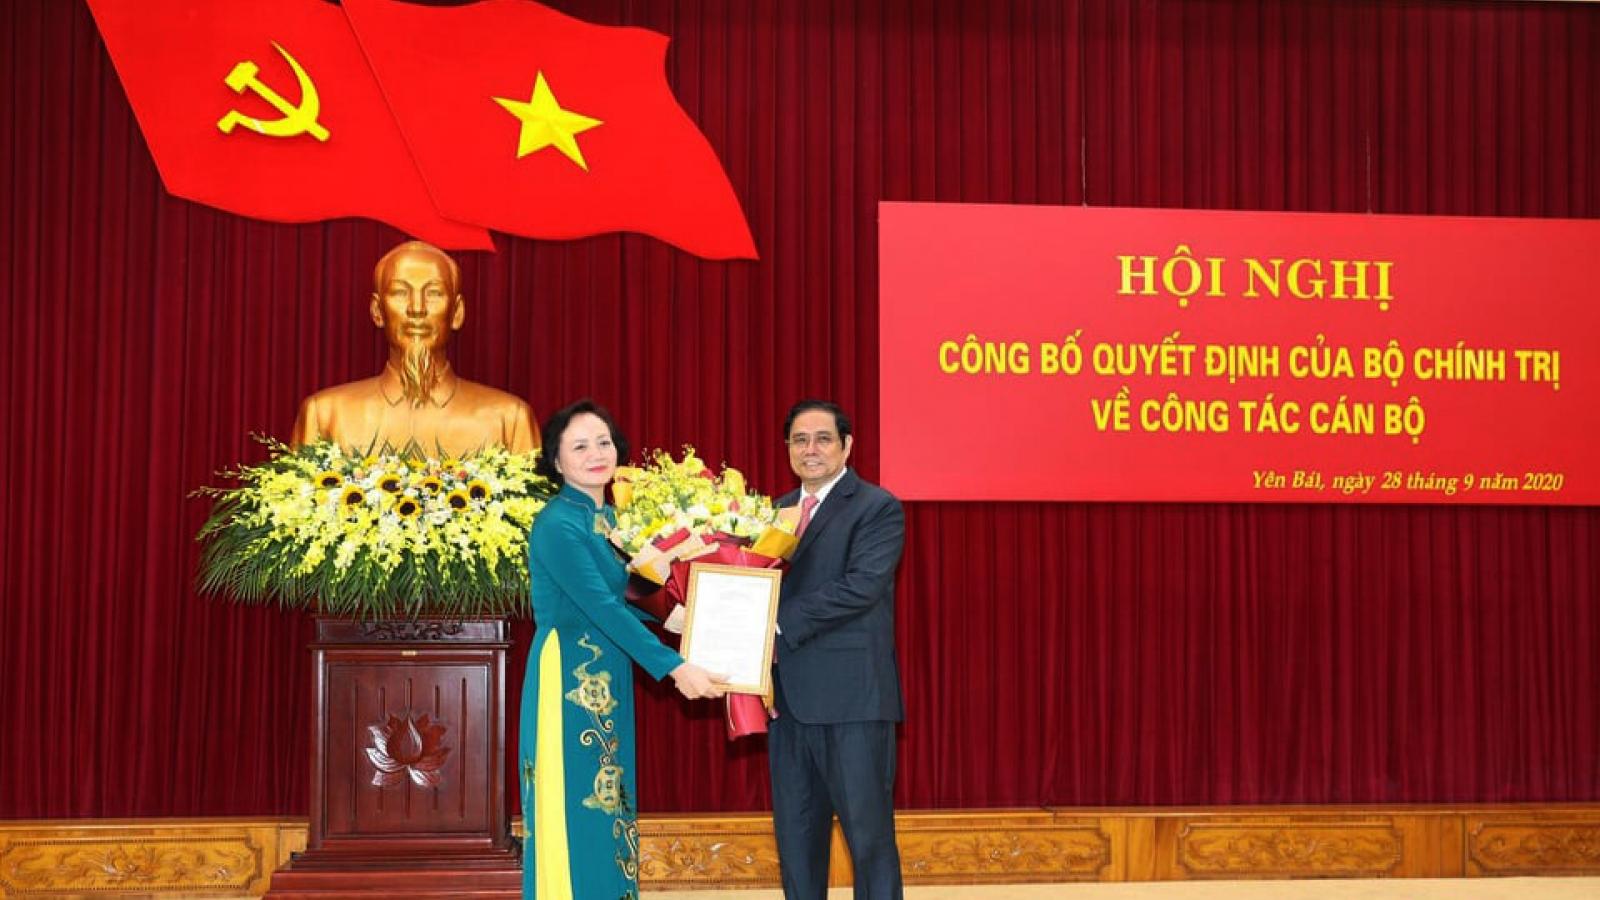 Bà Phạm Thị Thanh Trà giữ chức Thứ trưởng Bộ Nội vụ, Phó Ban Tổ chức Trung ương